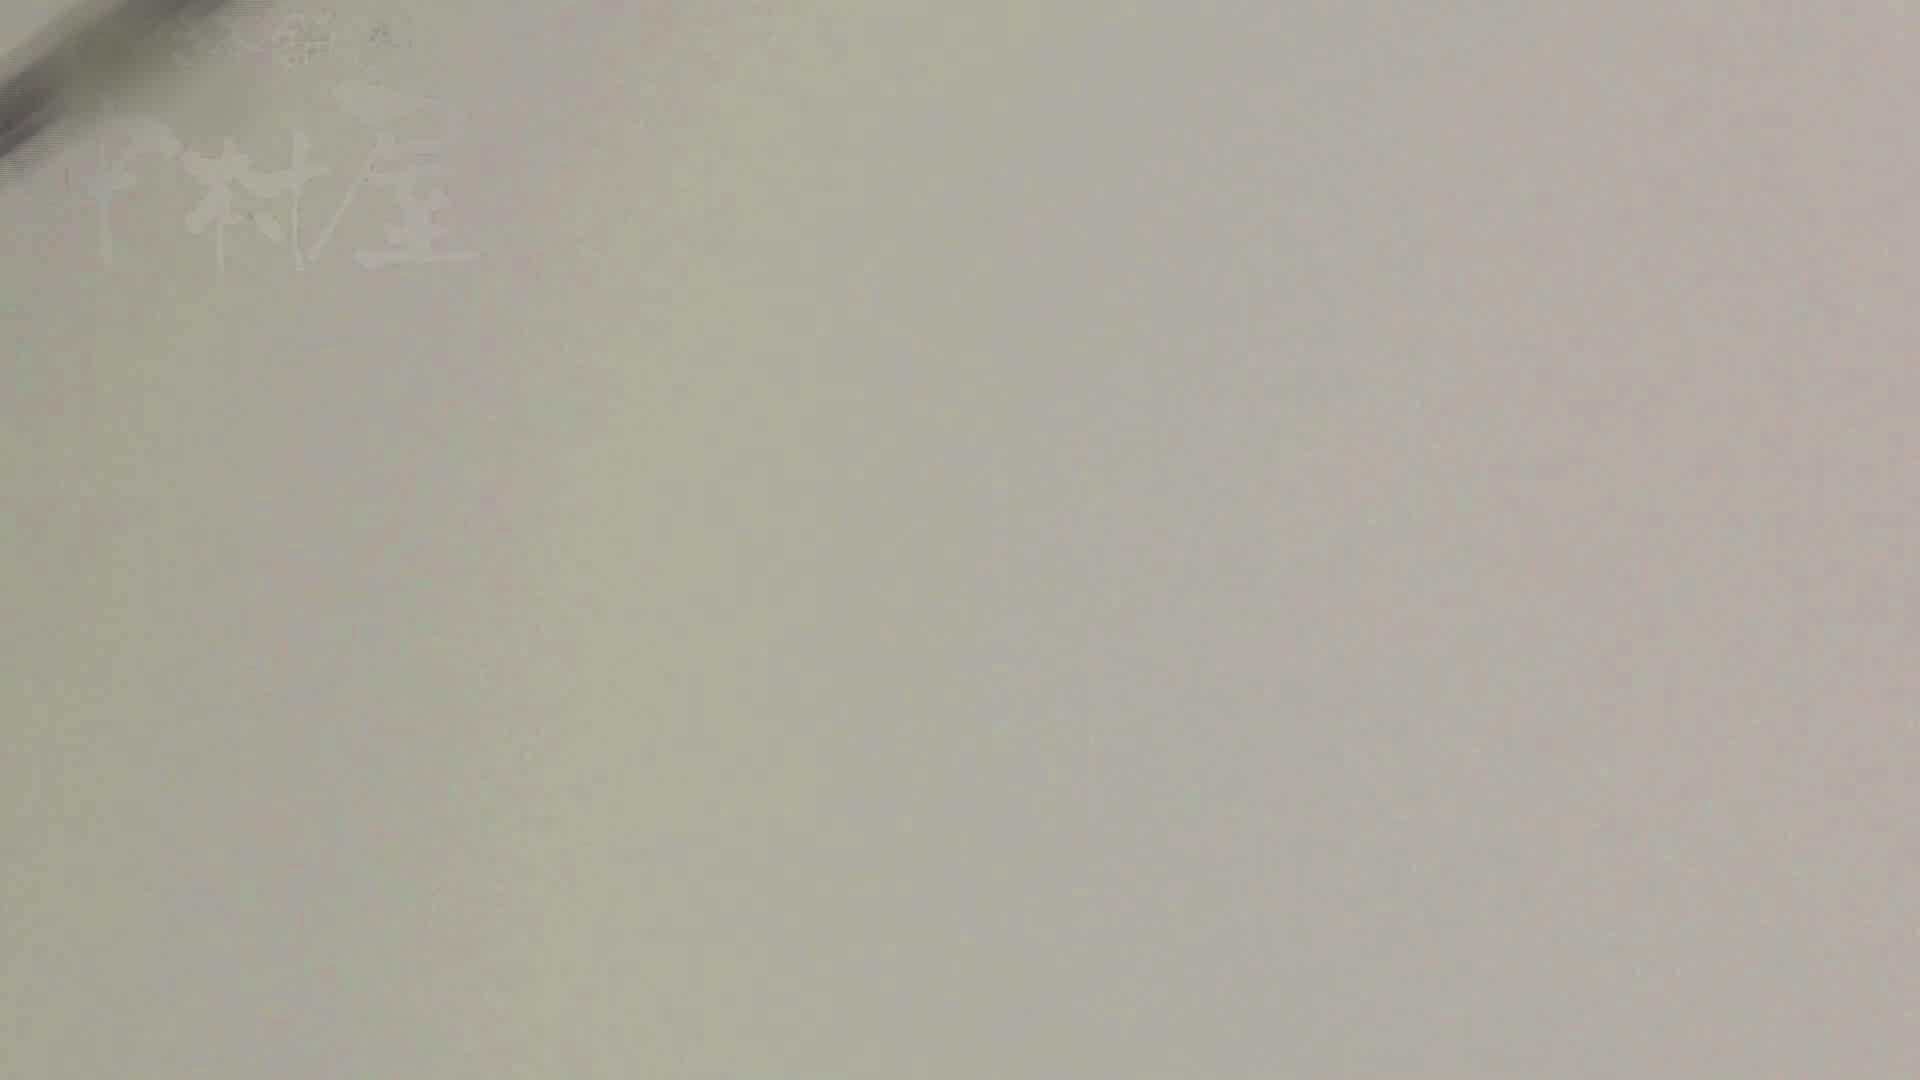 美しい日本の未来 No.17 番外編 ※※※閲覧注意※※※ 排泄 隠し撮りオマンコ動画紹介 71枚 45